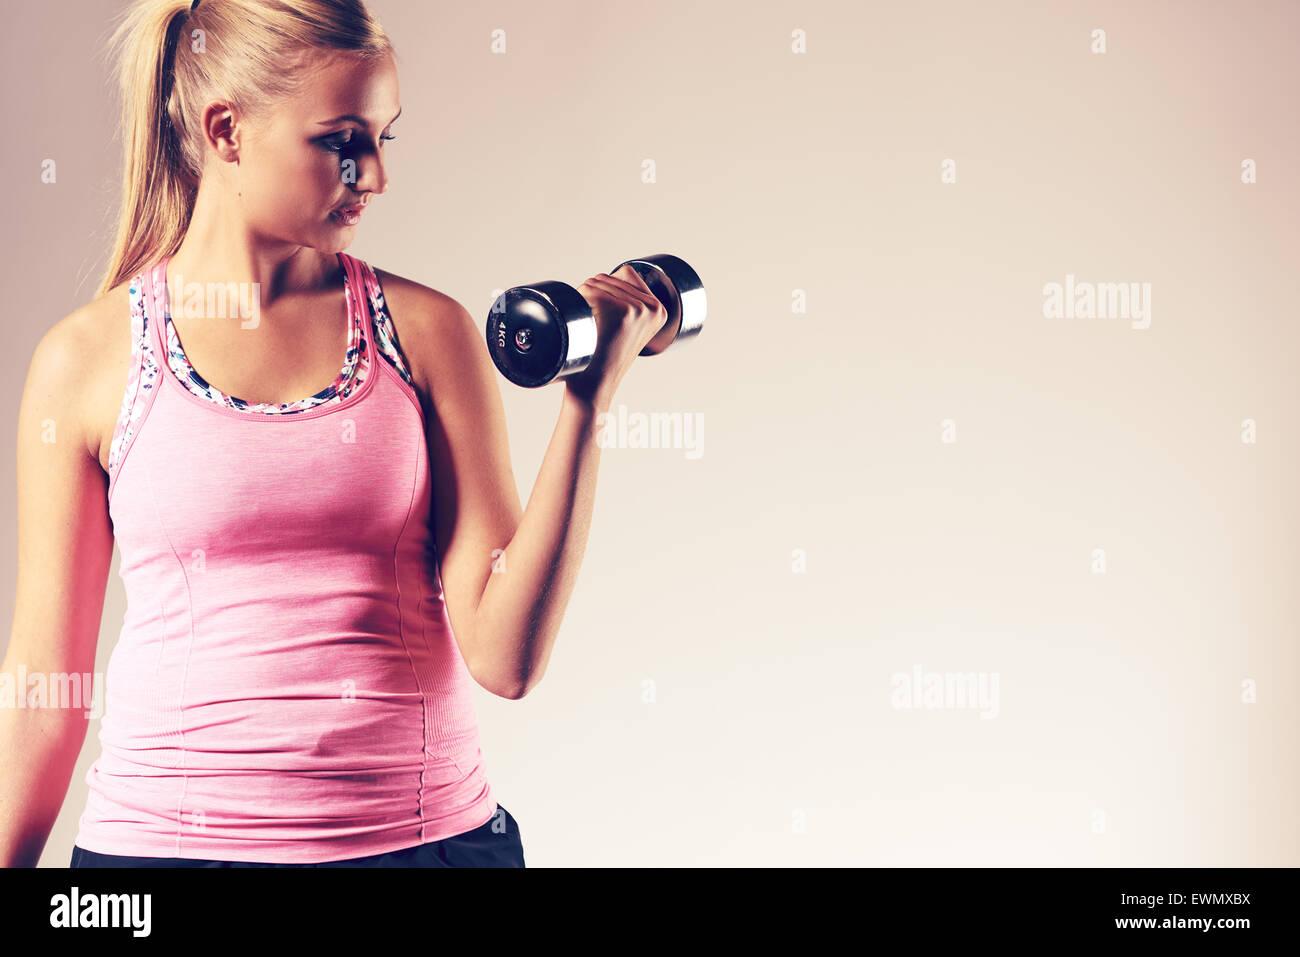 Junge Frau Oberkörper tun eine Bizeps Curl mit einer Hantel trainieren. Stockbild